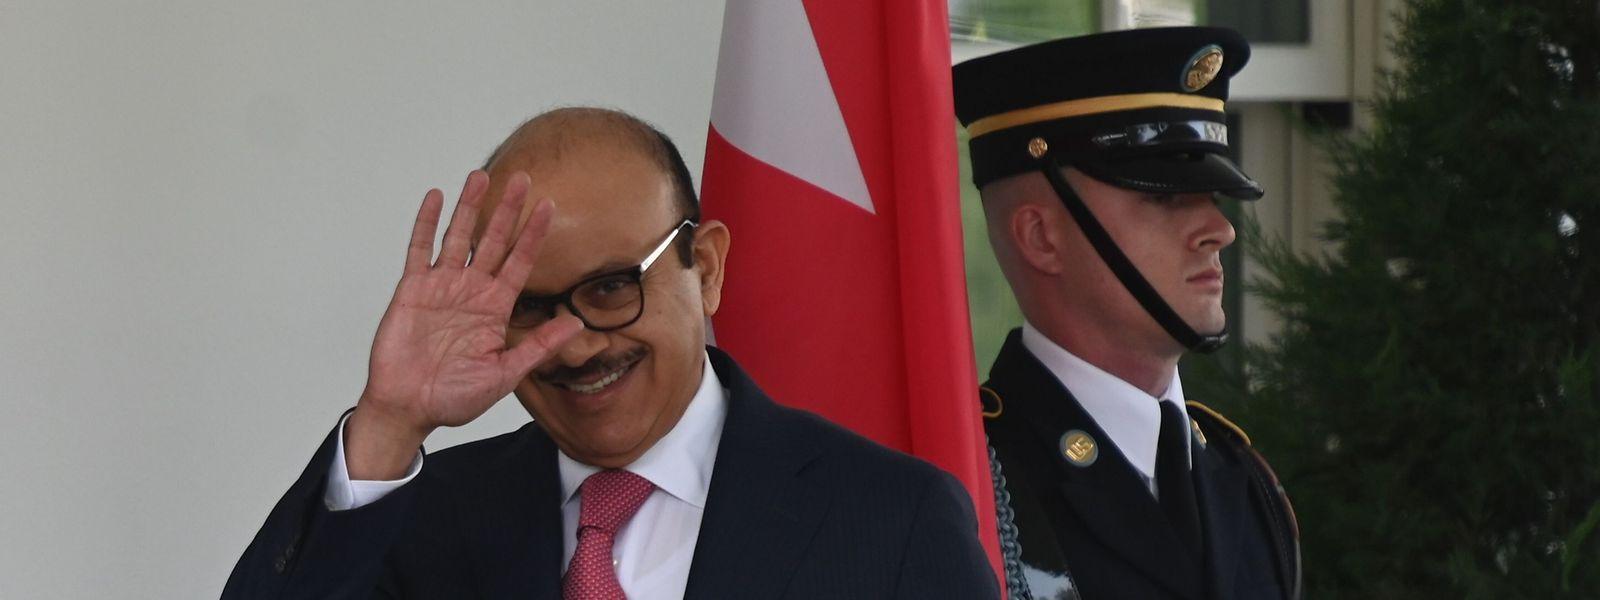 Der Außenminister von Bahrain, Scheich Chalid bin Ahmad Al Chalifa, kommt zur Vertragsunterzeichnung im Weißen Haus an.